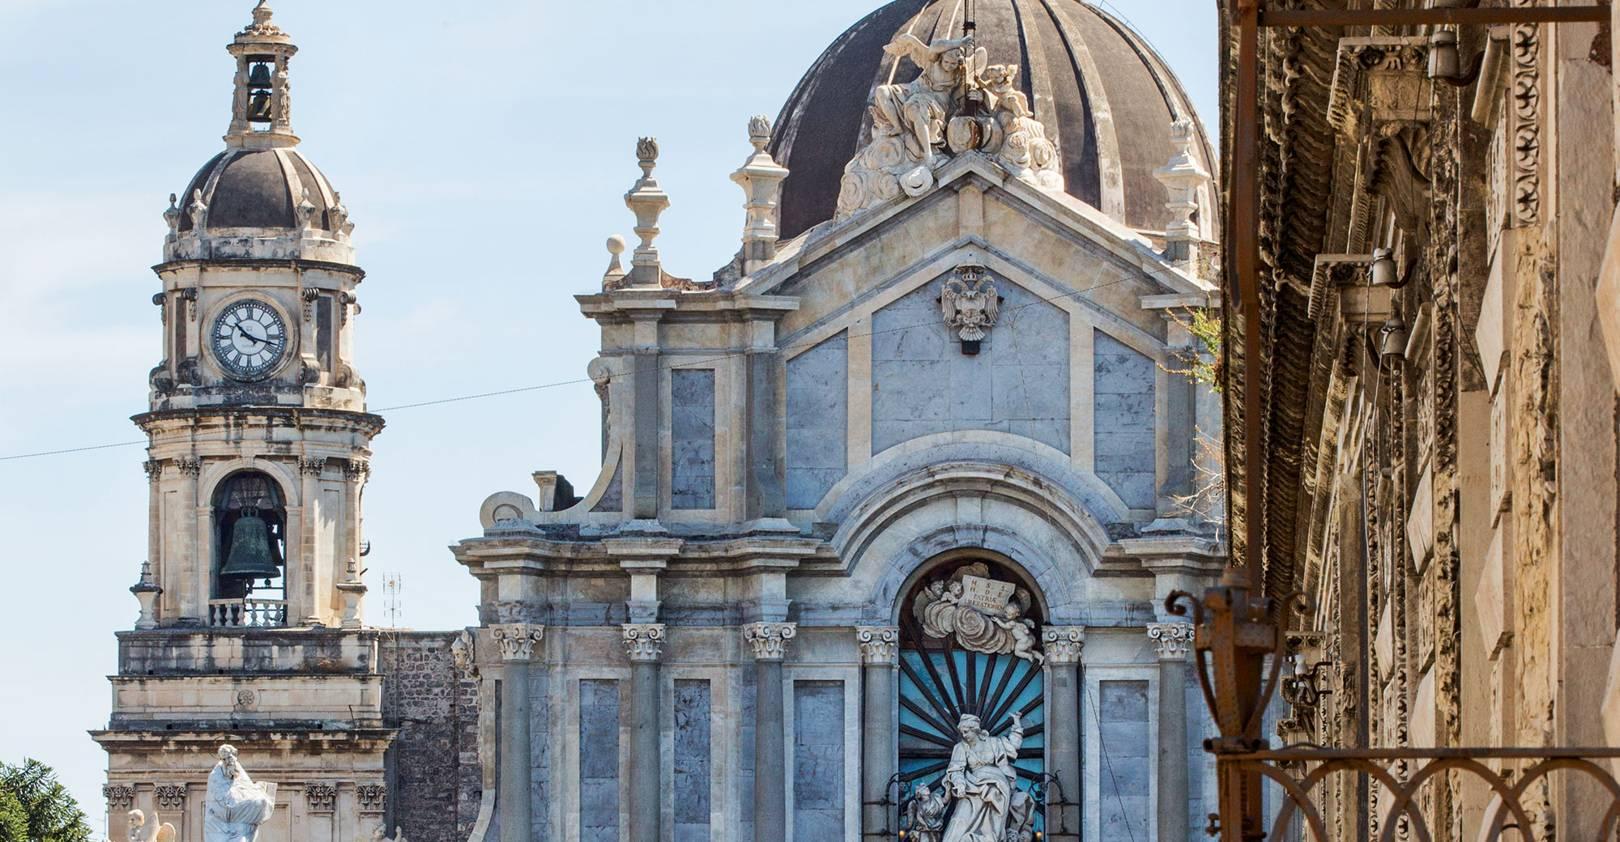 Catania: Sicily's chic coastal city